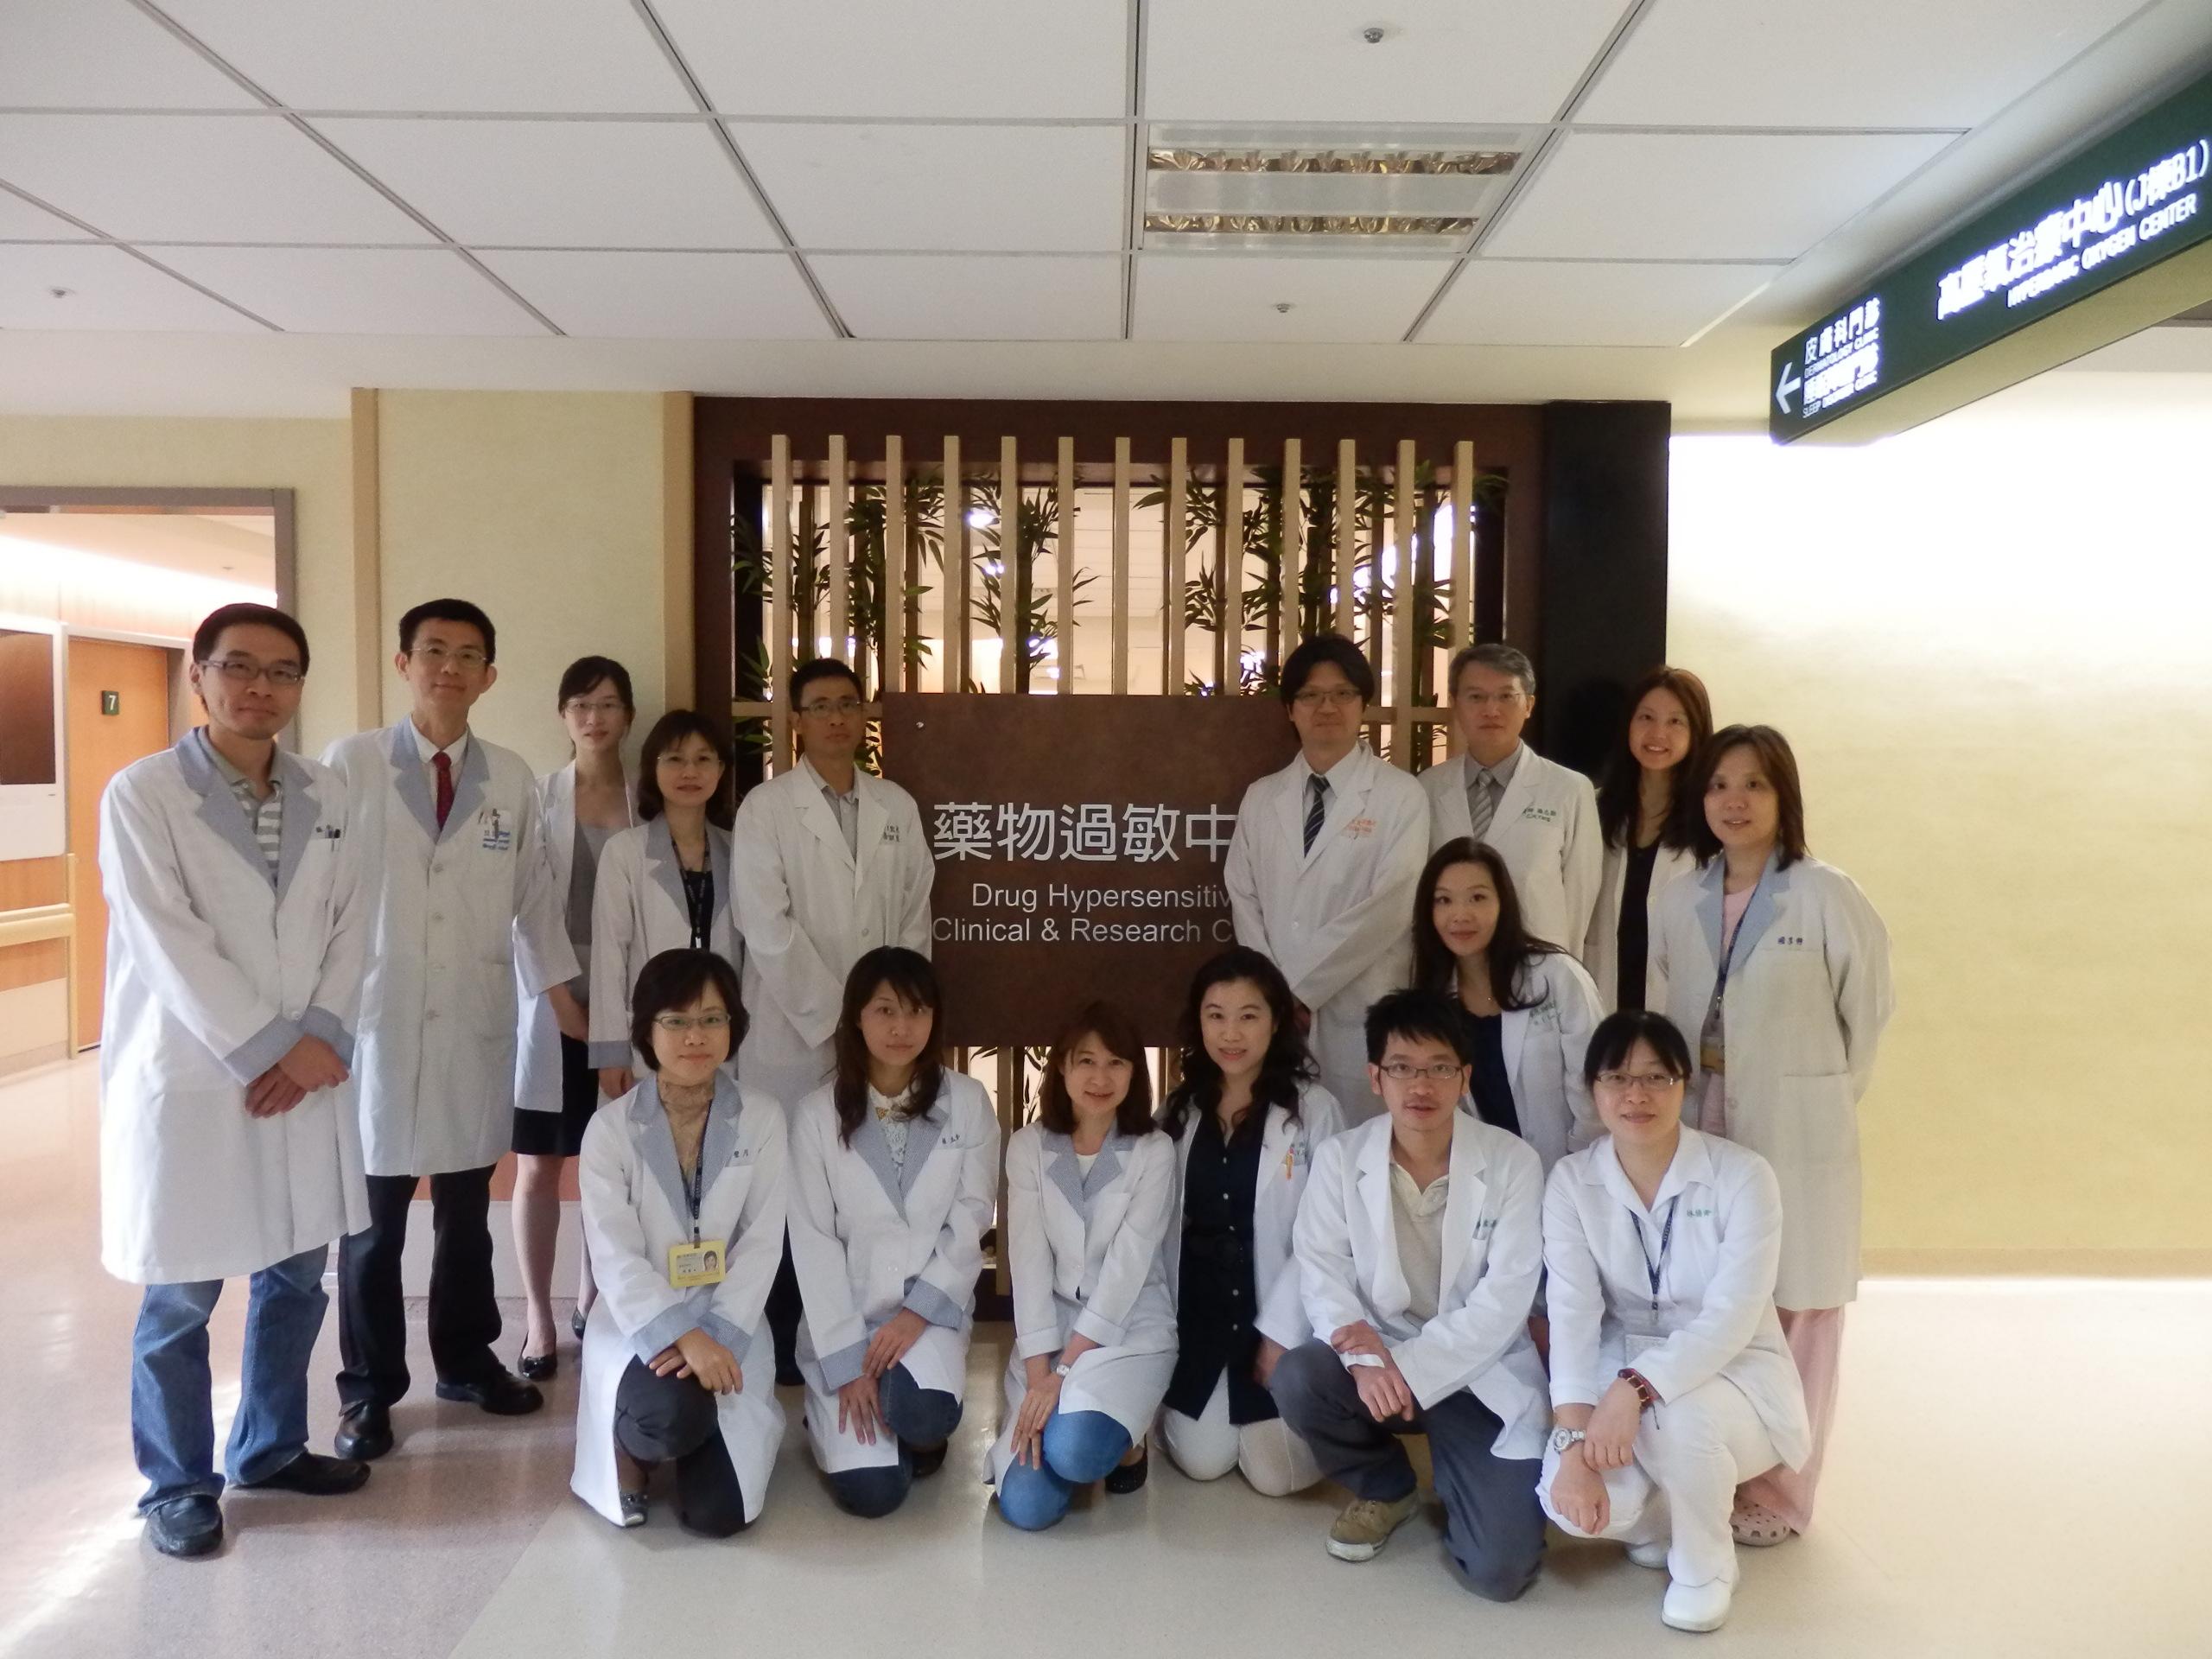 藥物過敏研究團隊成員